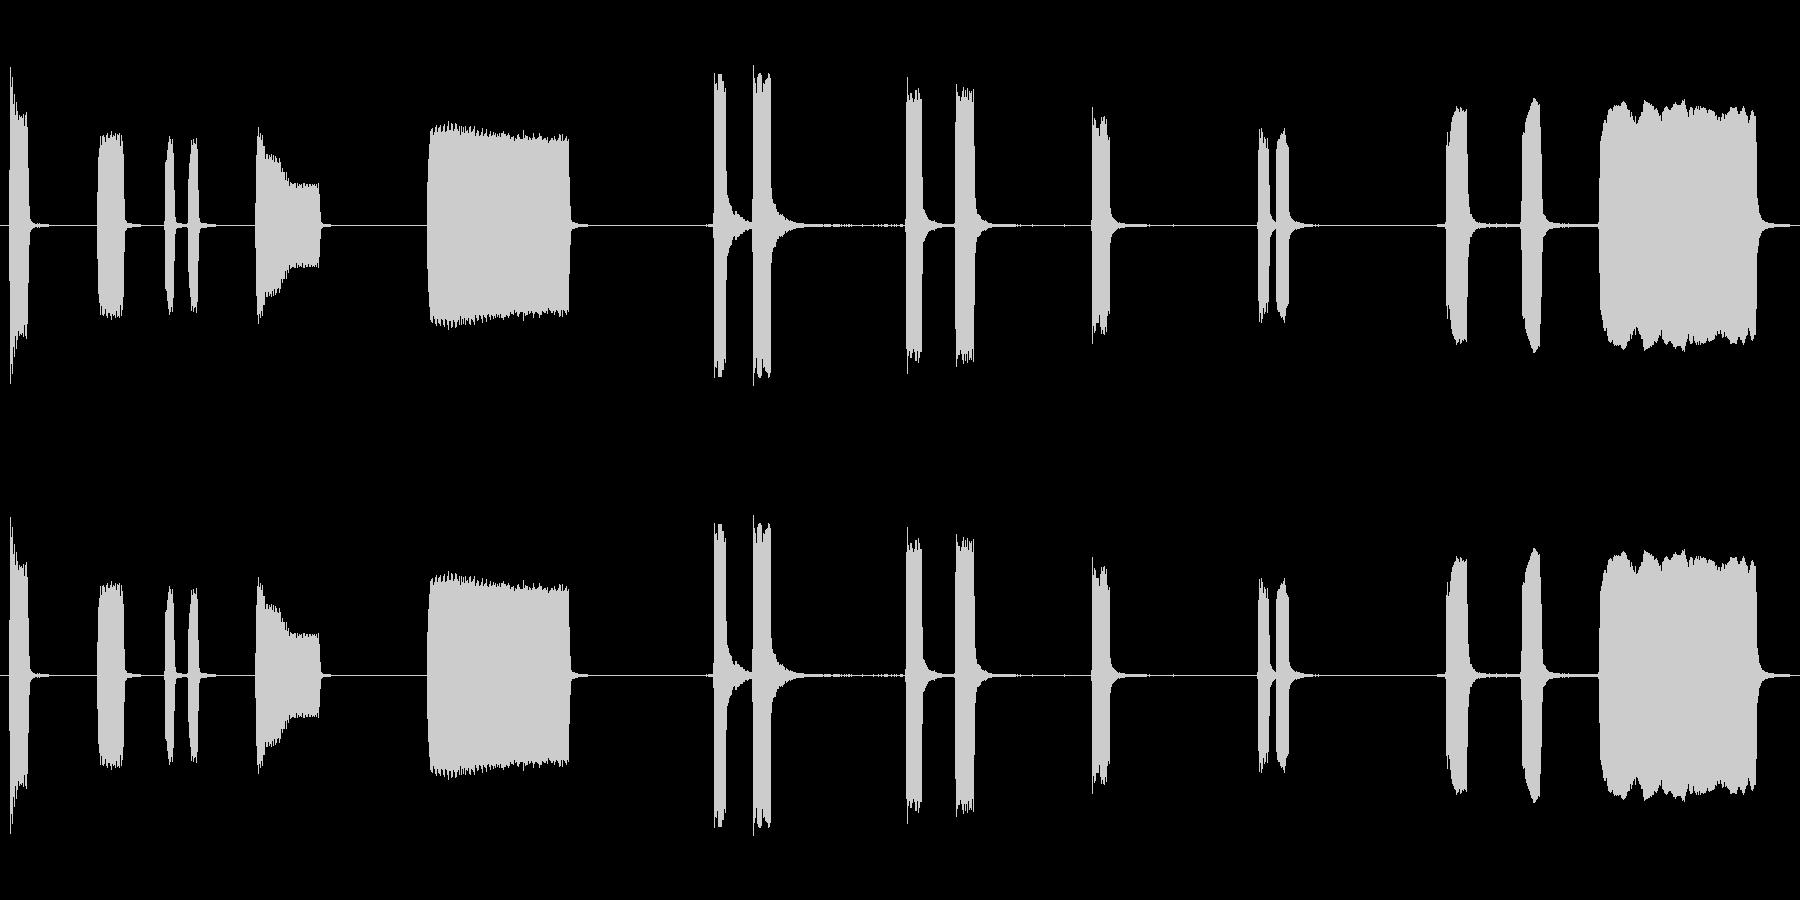 車、ホーン、信号、3つのバージョン...の未再生の波形